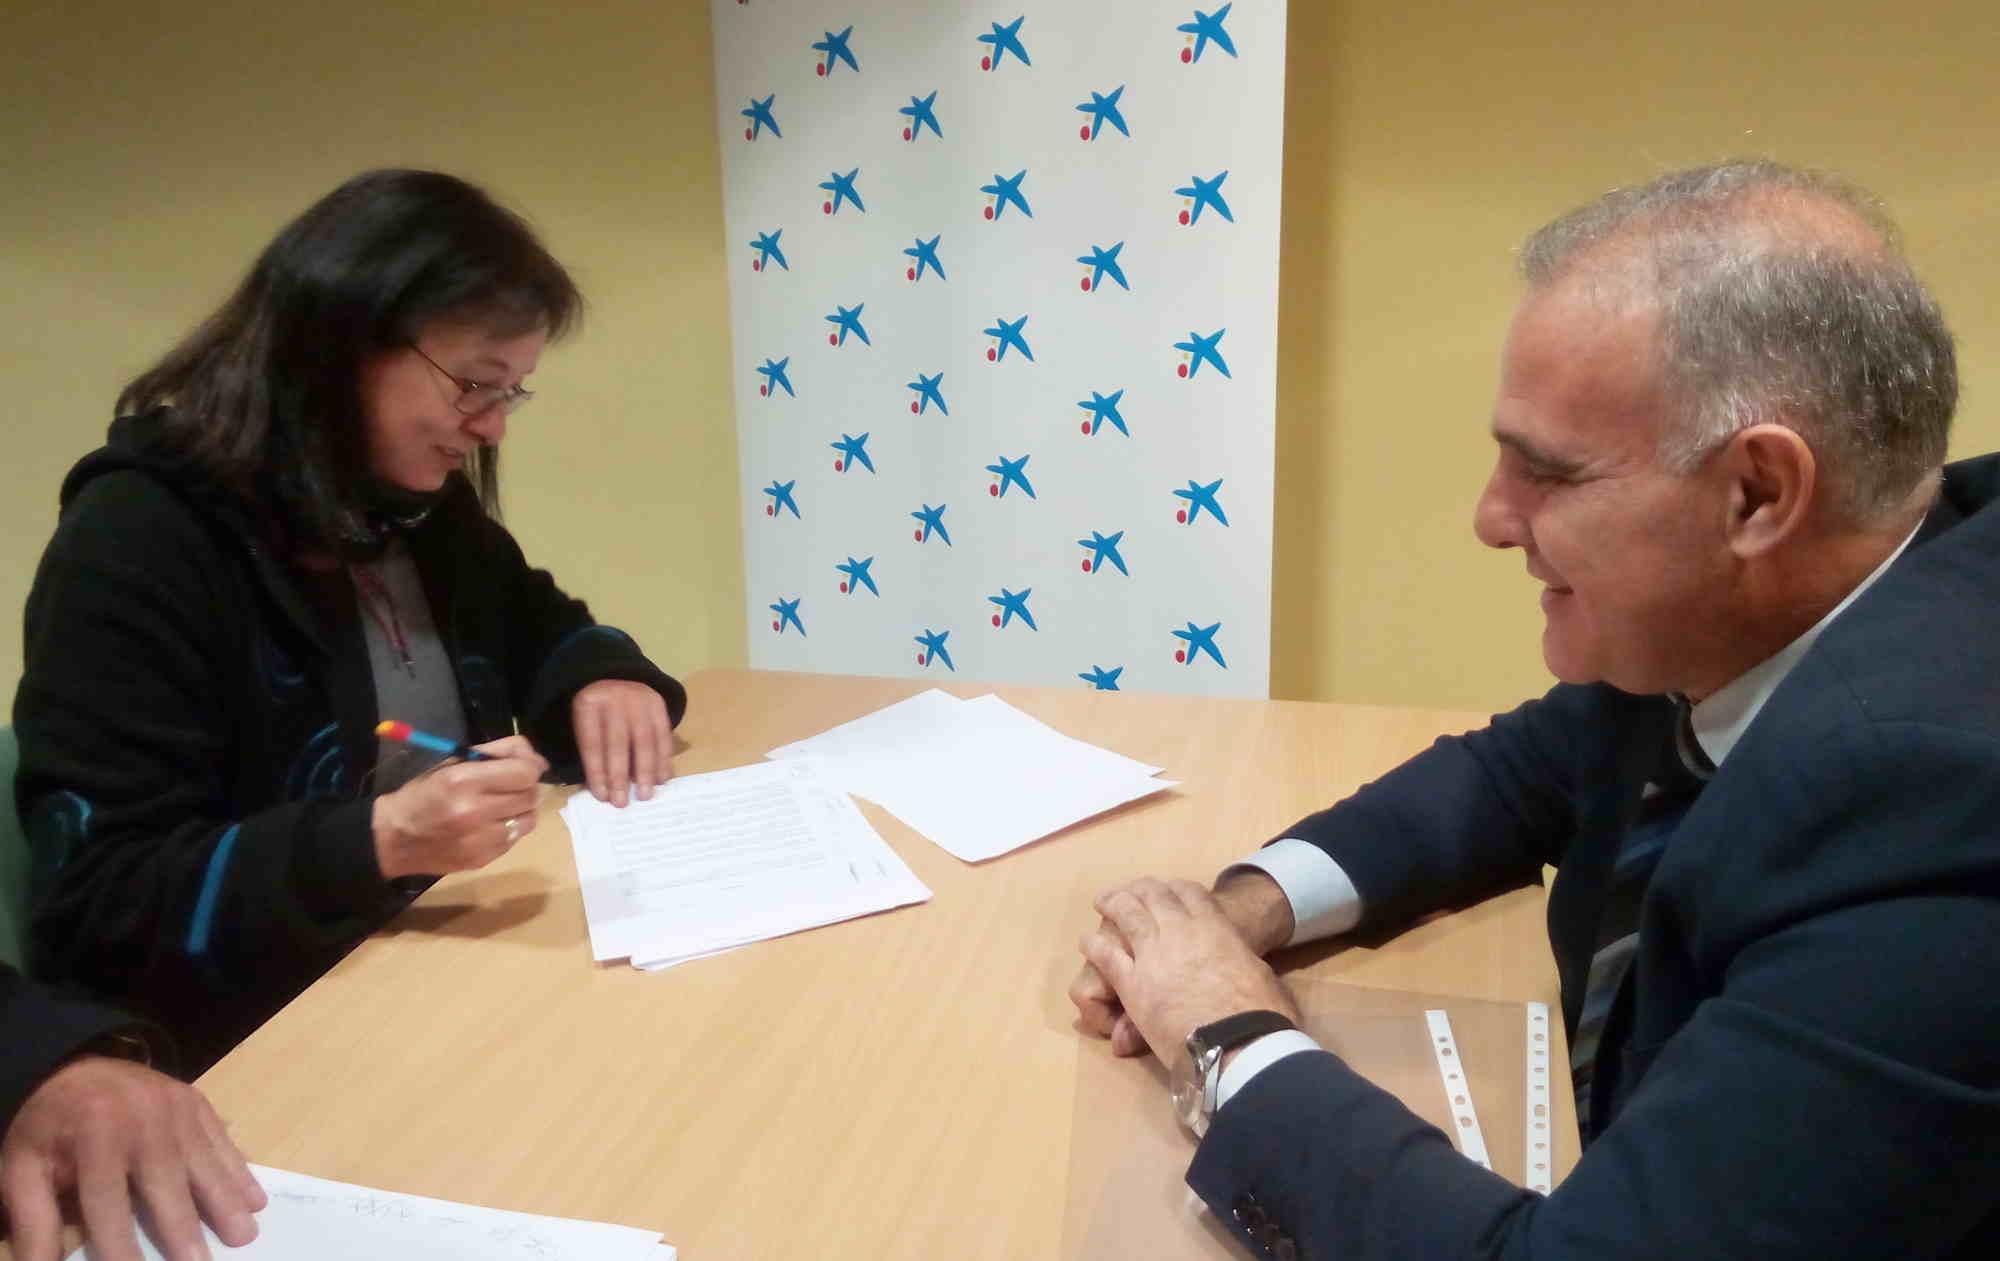 Asociación Realidades firma un acuerdo de colaboración con el programa INCORPORA de la Fundación Bancaria La Caixa